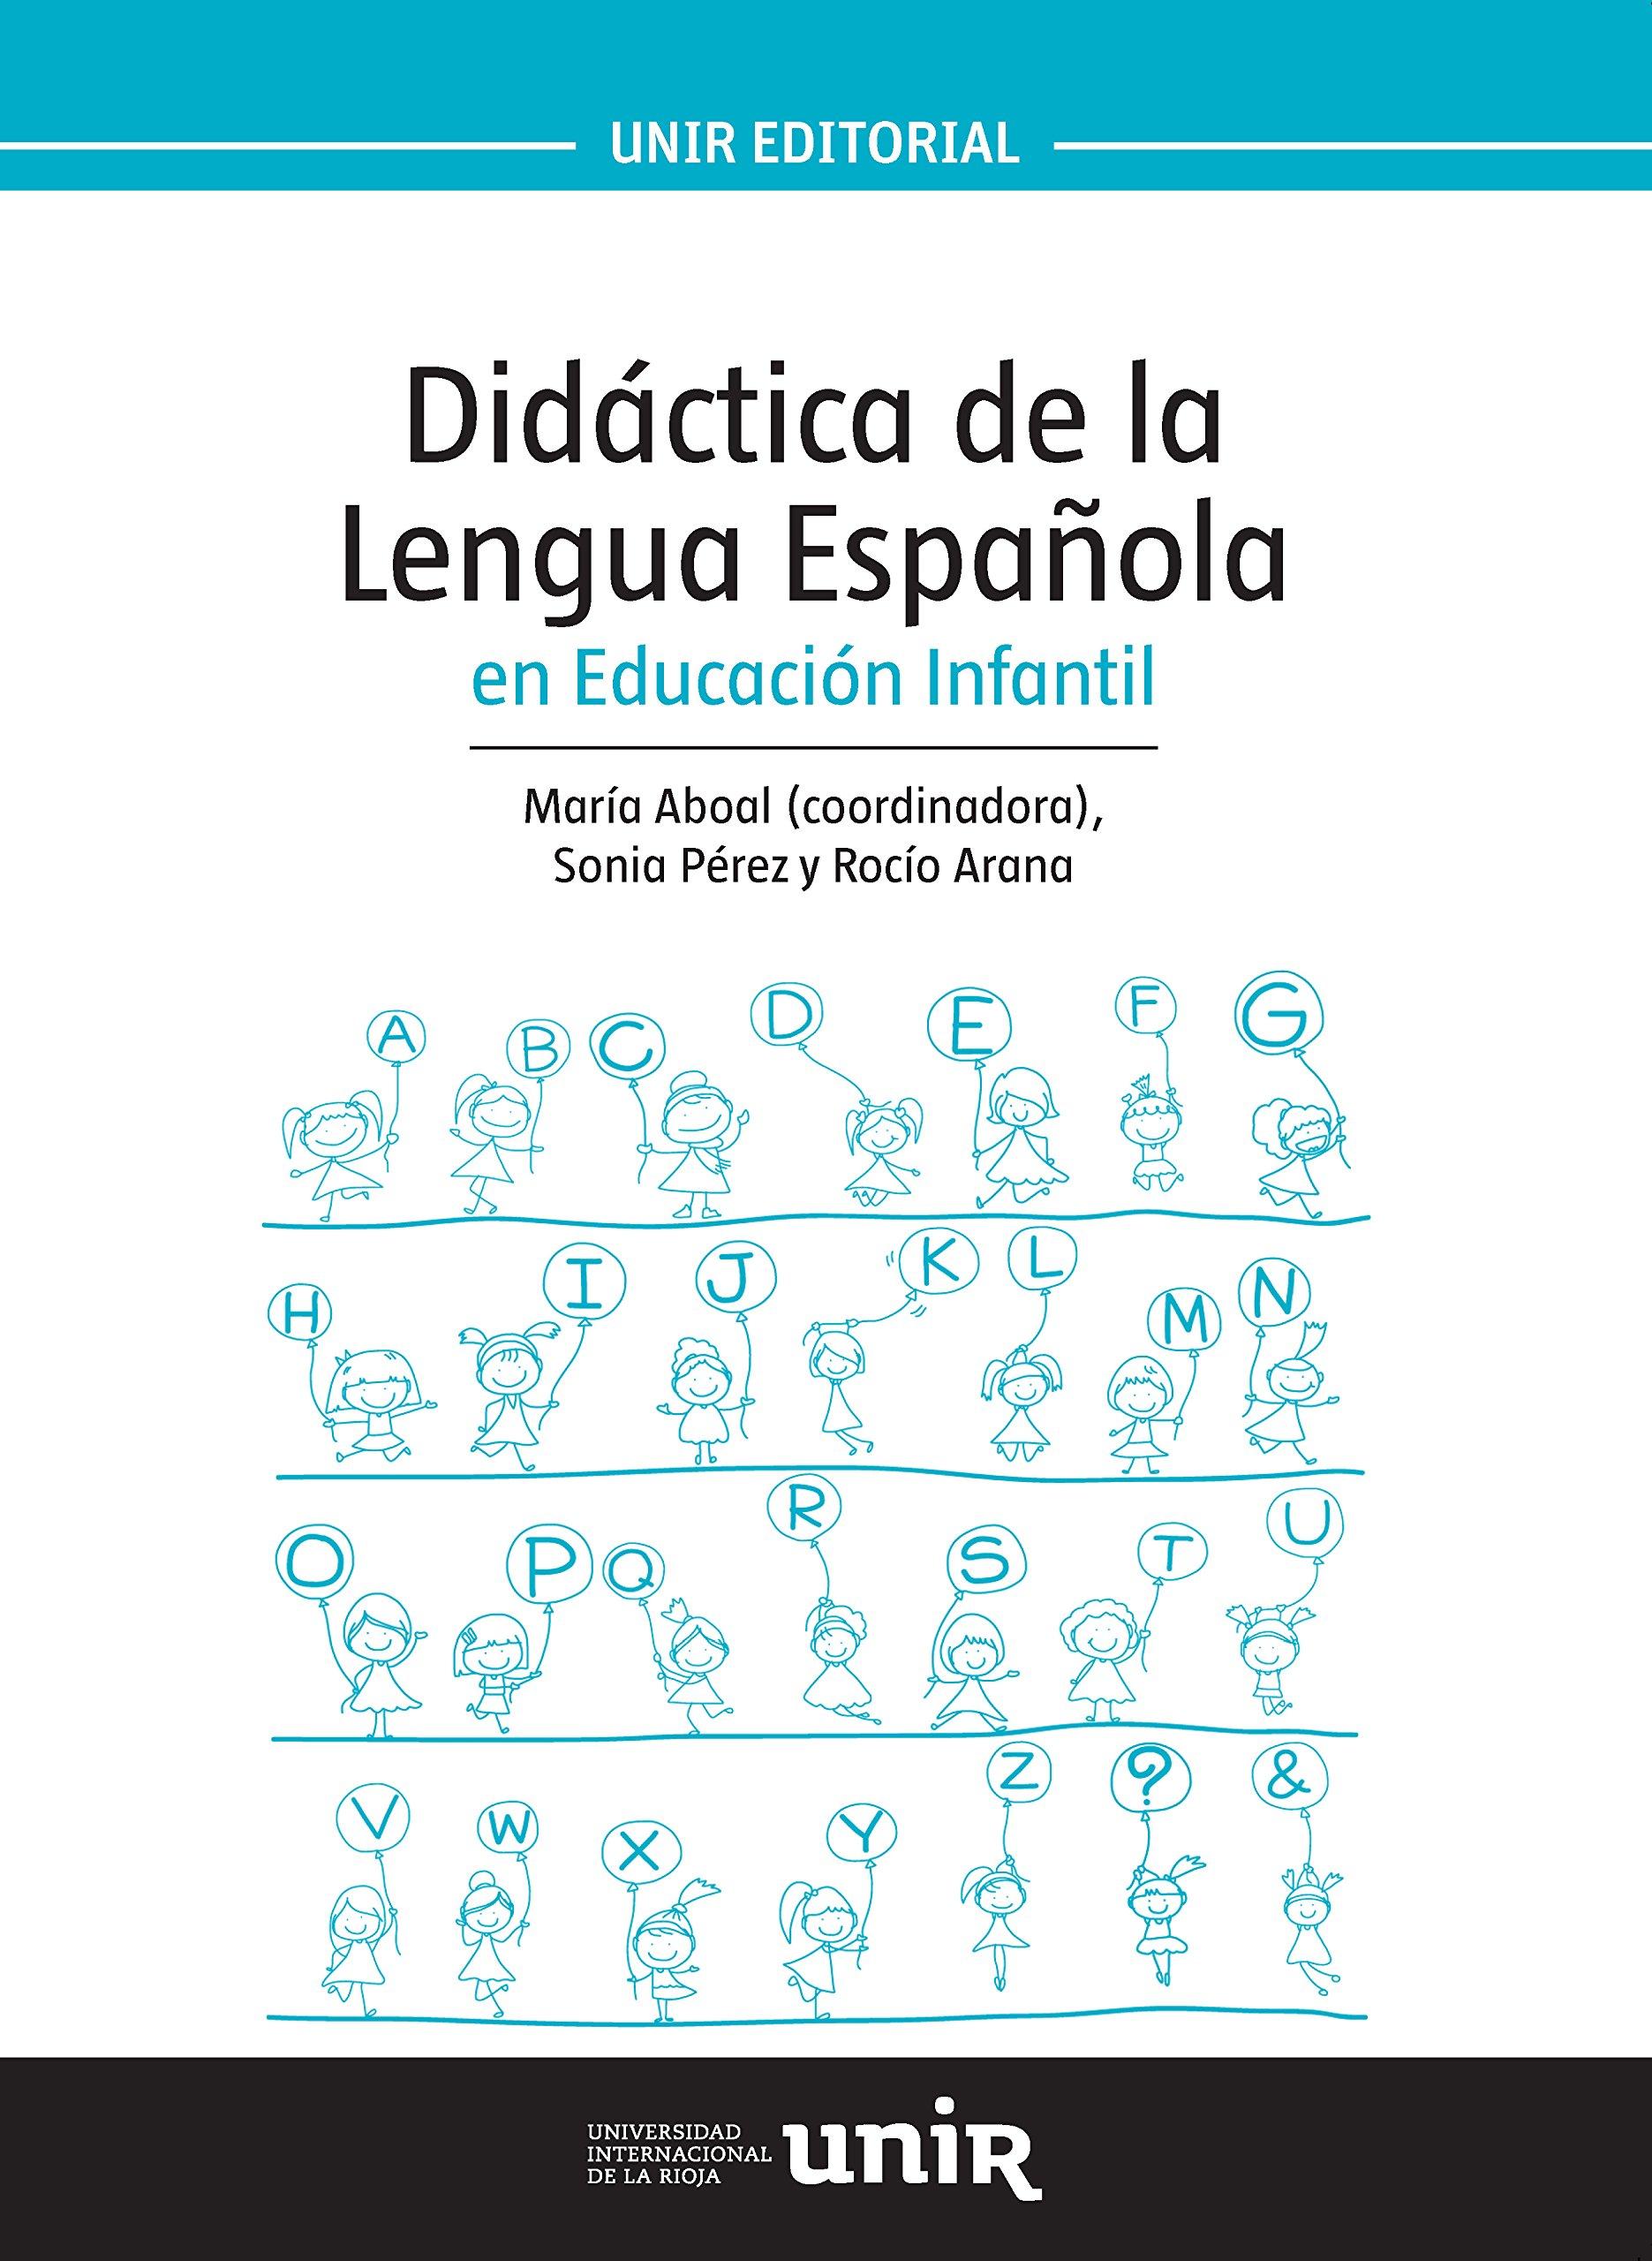 Didáctica de la Lengua Española en Educación Infantil UNIR Manuales: Amazon.es: Aboal López, María, Pérez Castro, Sonia, Arana Caballero, Rocío, Aboal López, María: Libros